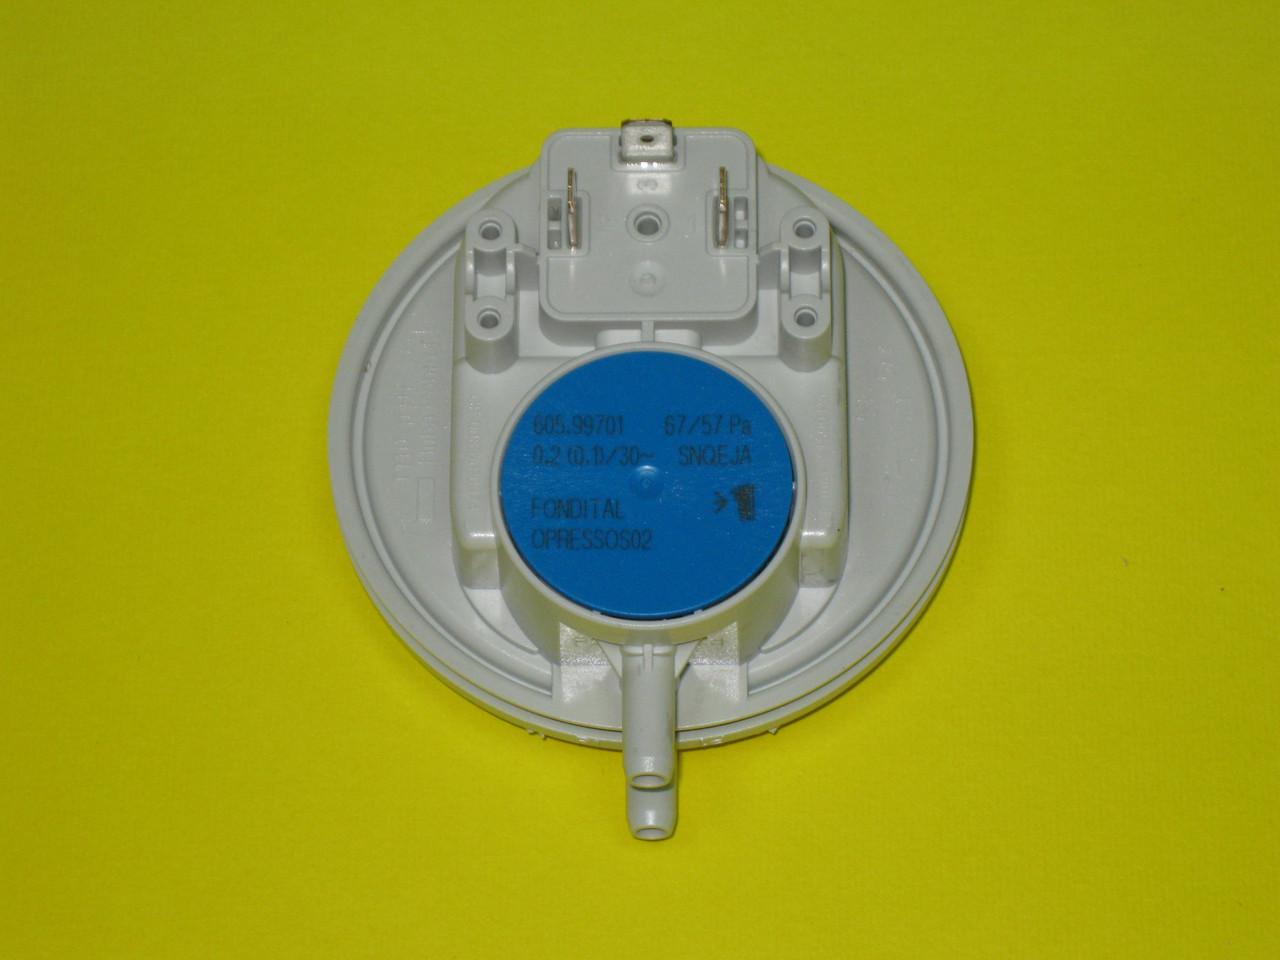 Датчик разряжения воздуха (прессостат) 67/57 PA 6PRESSOS02 Fondital, Nova Florida